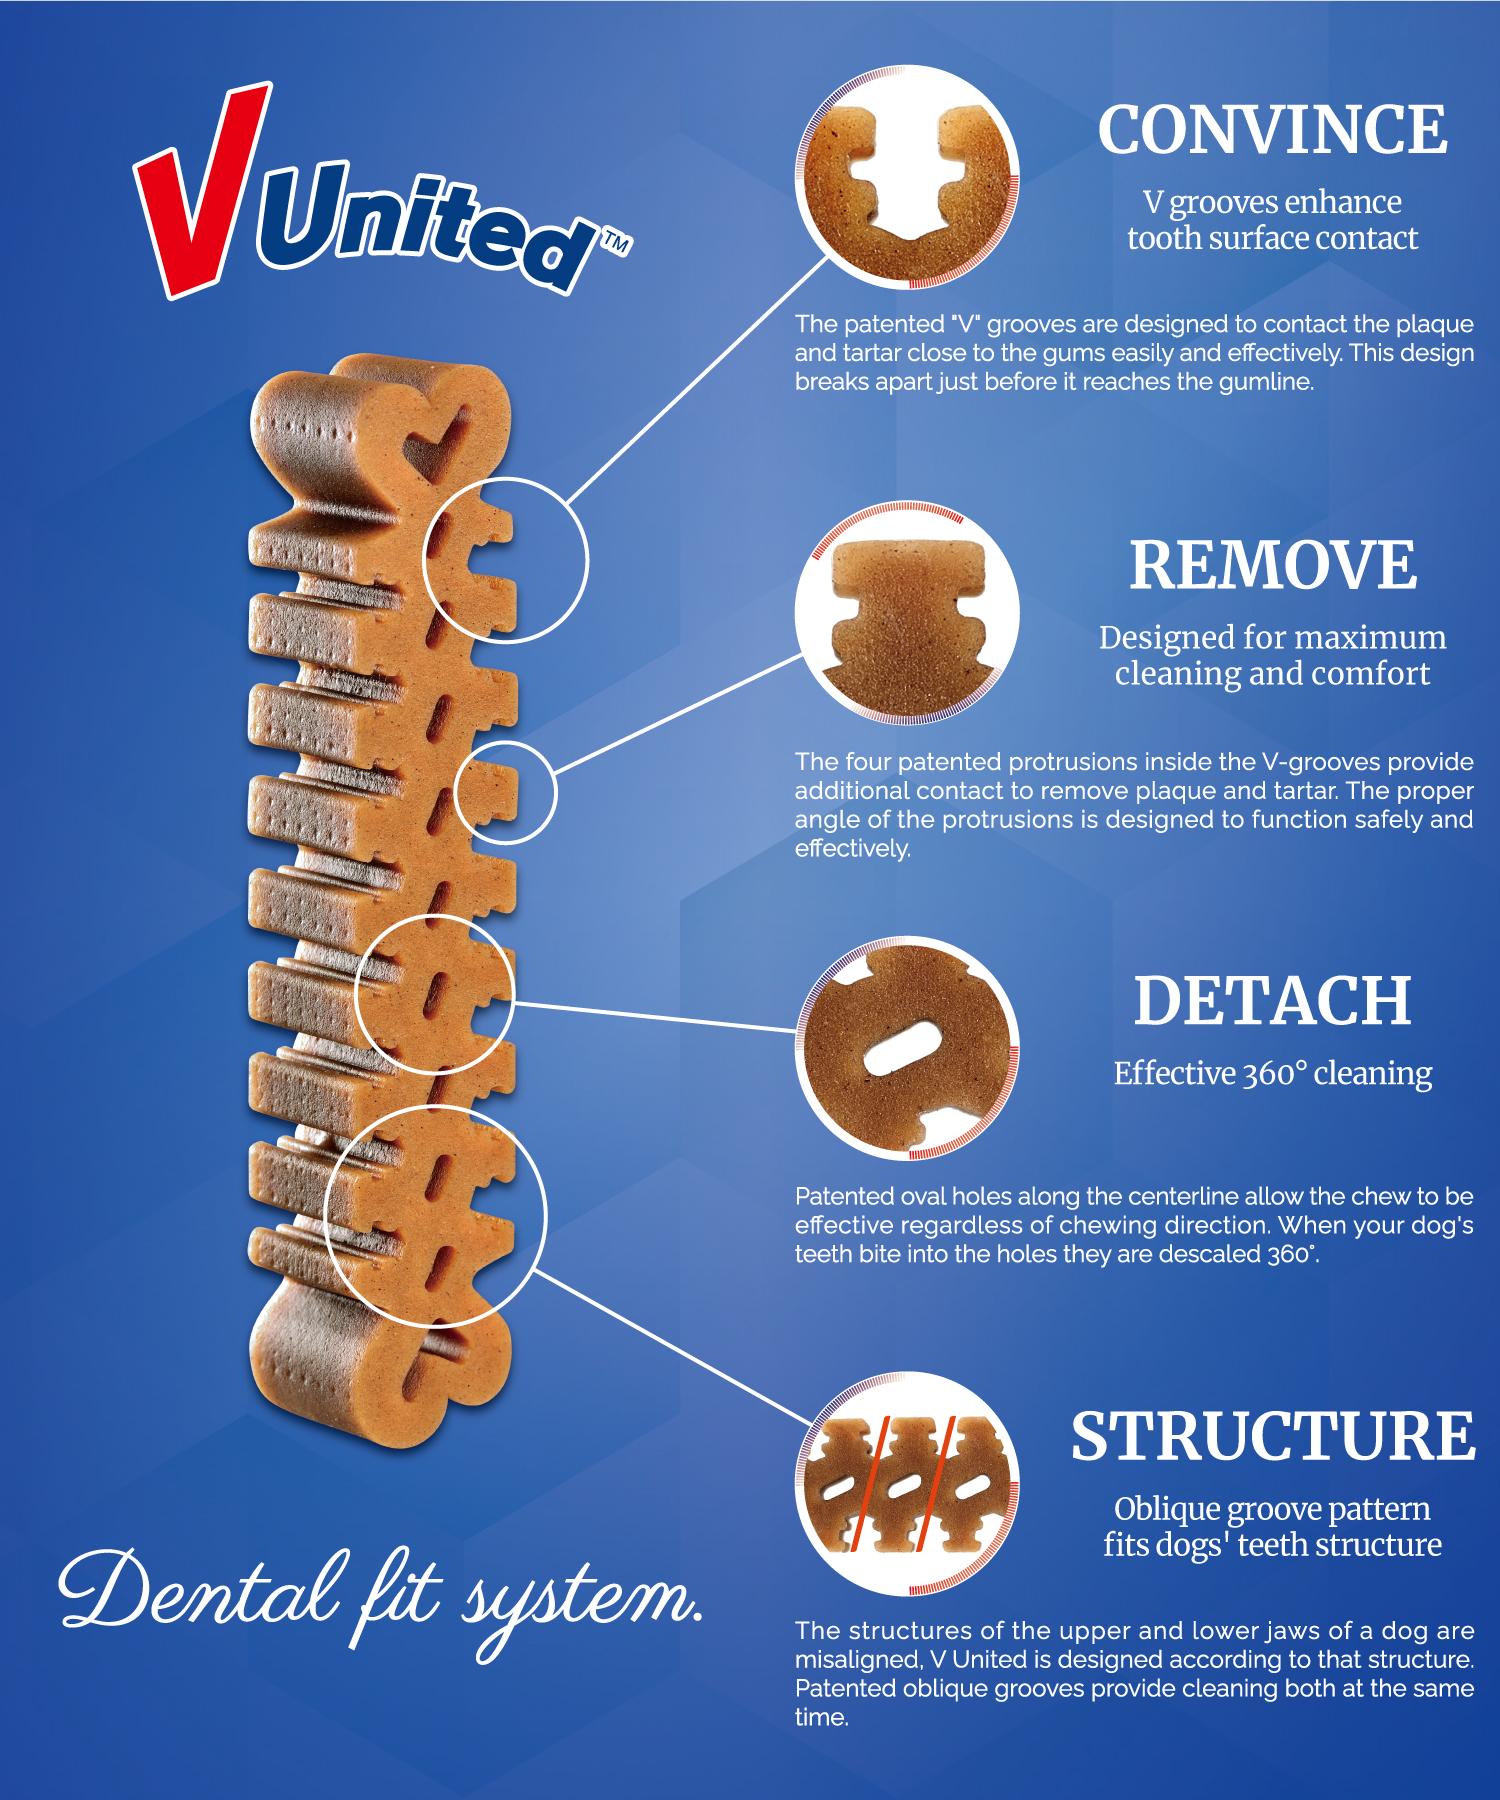 Dental Fit System